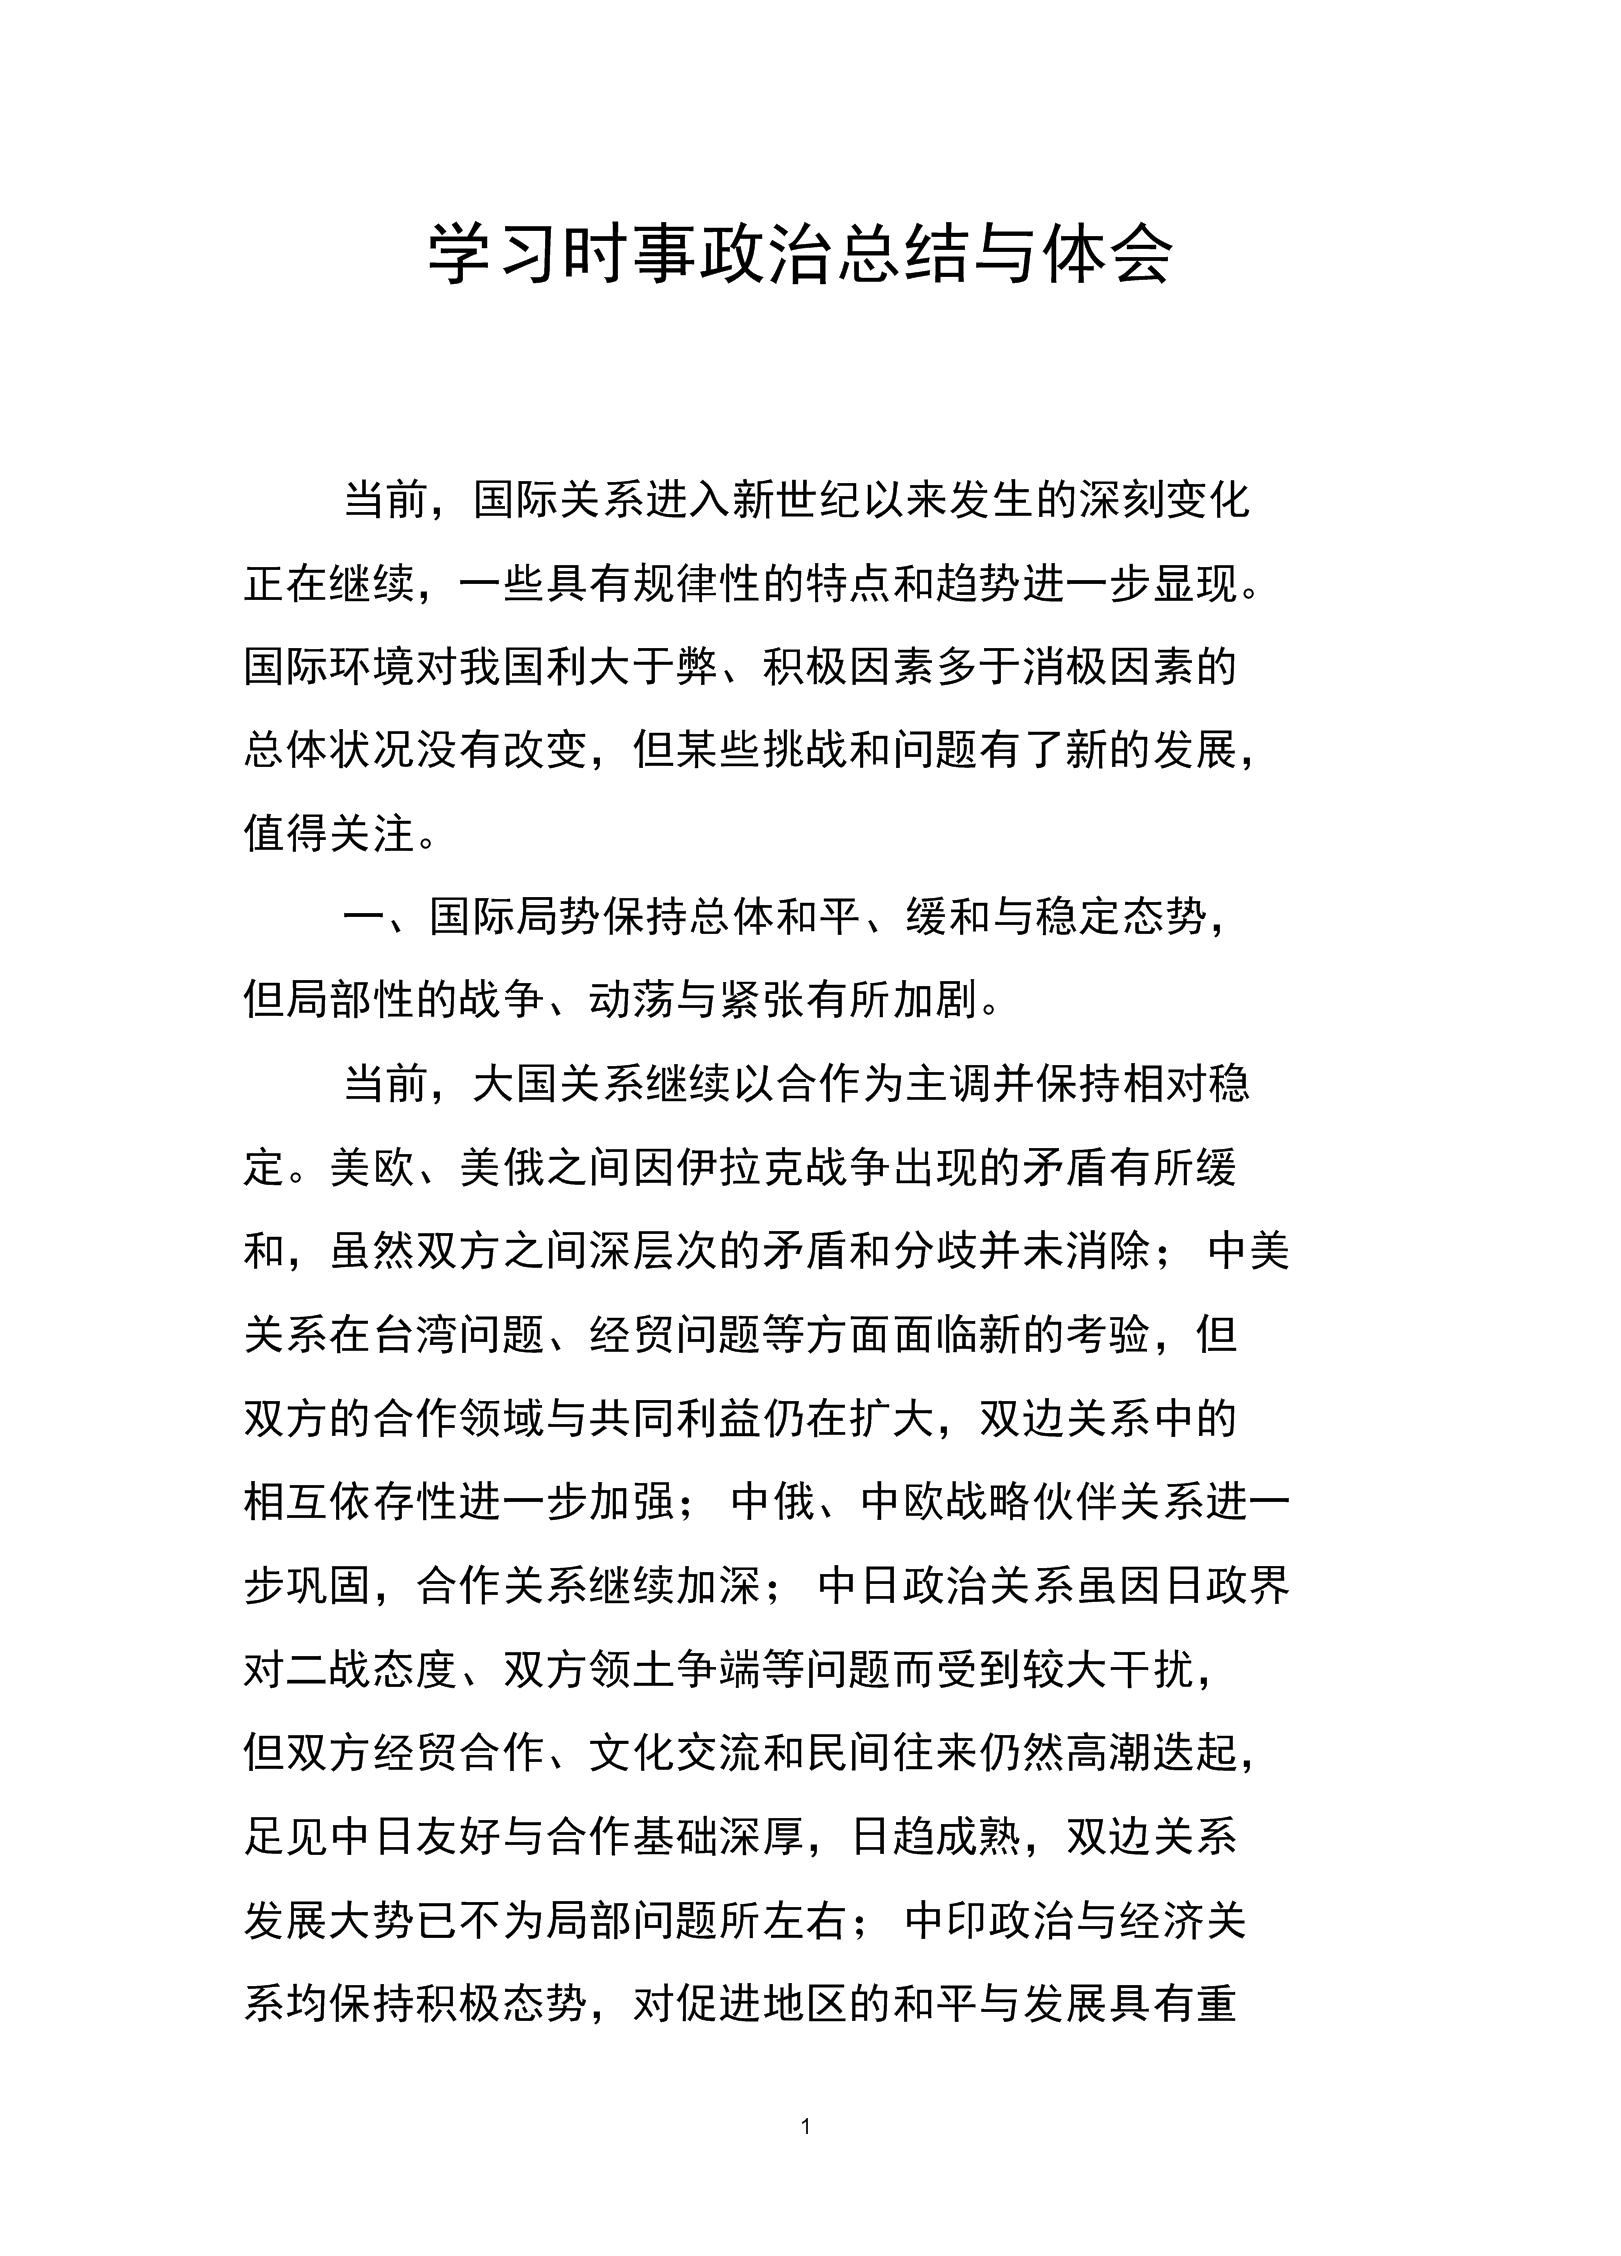 学习时事政治总结与体会.docx